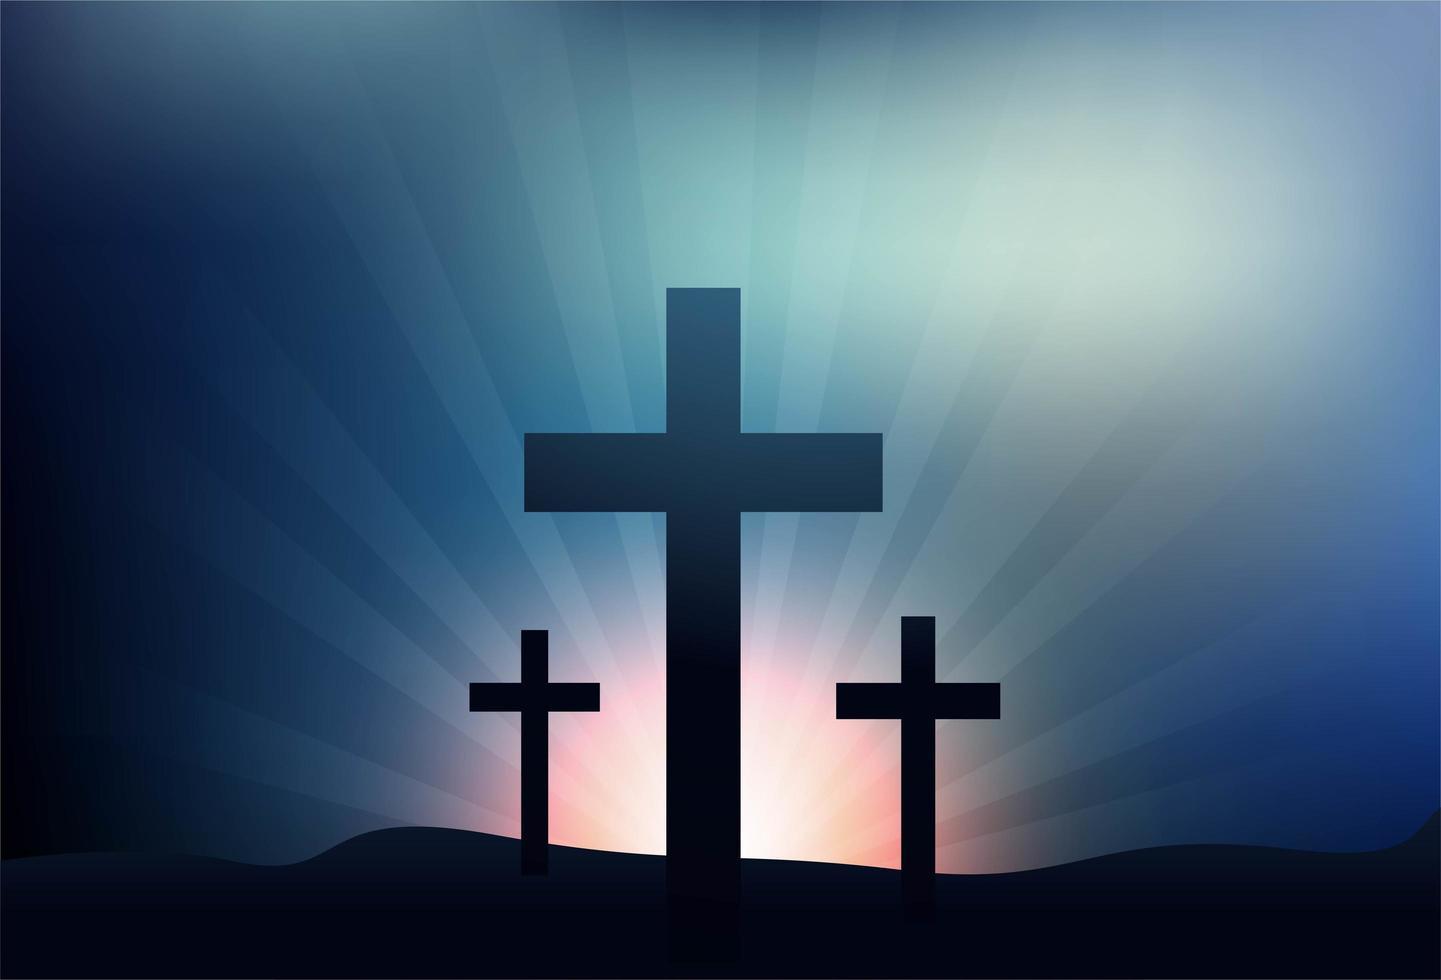 Grußkarte für Ostern mit drei Kreuzen Hintergrund vektor